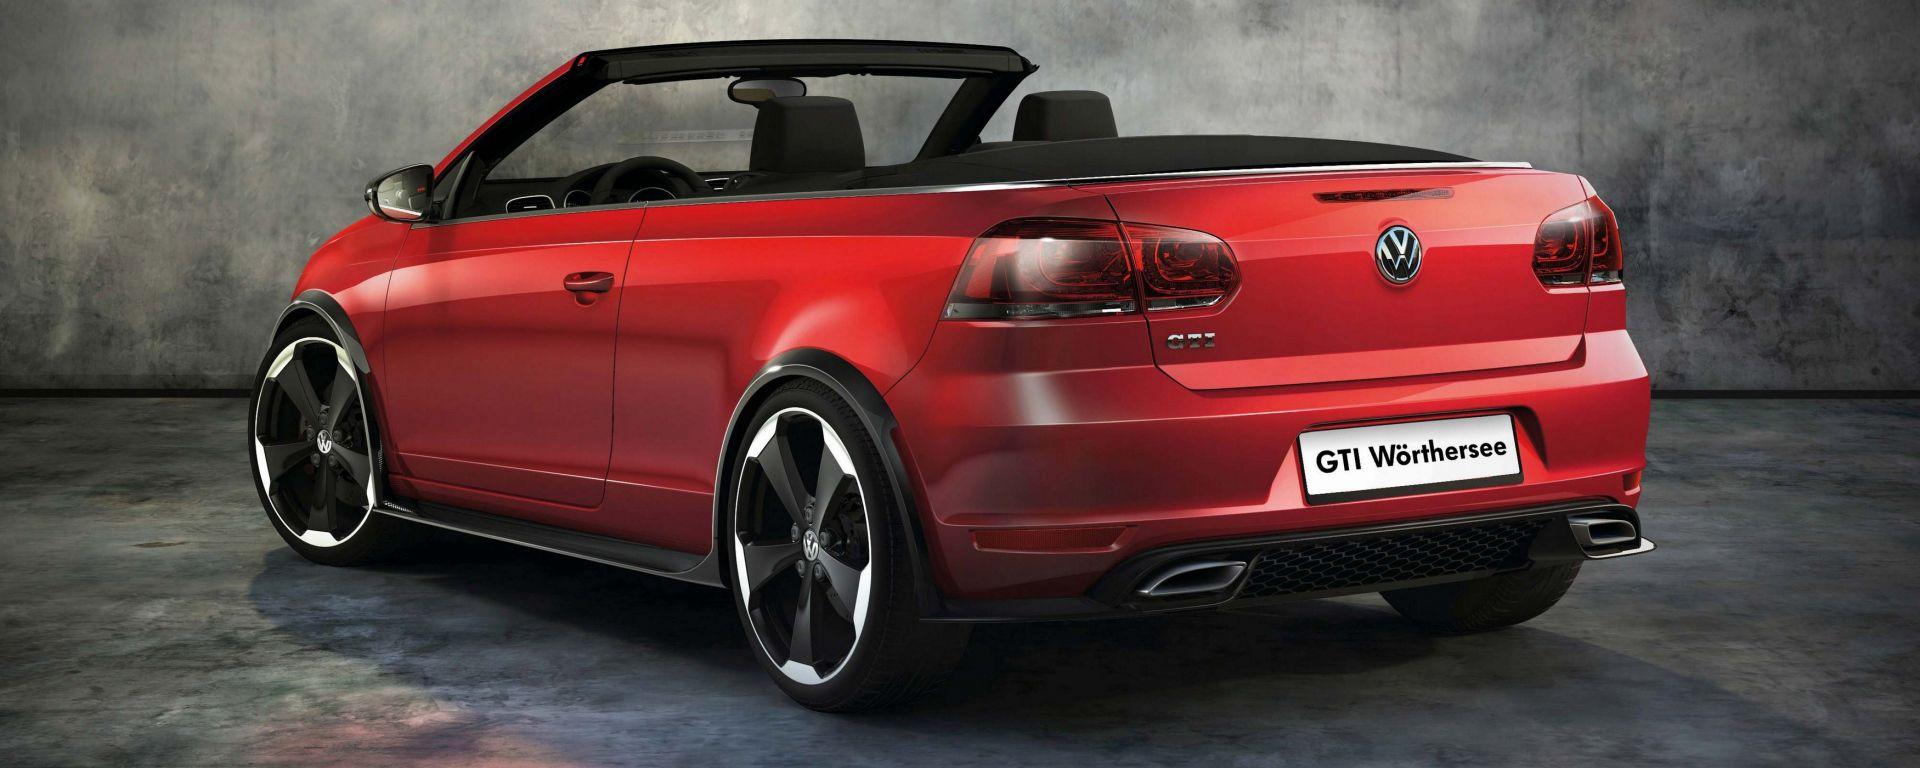 Volkswagen Golf Cabrio R e GTI concept